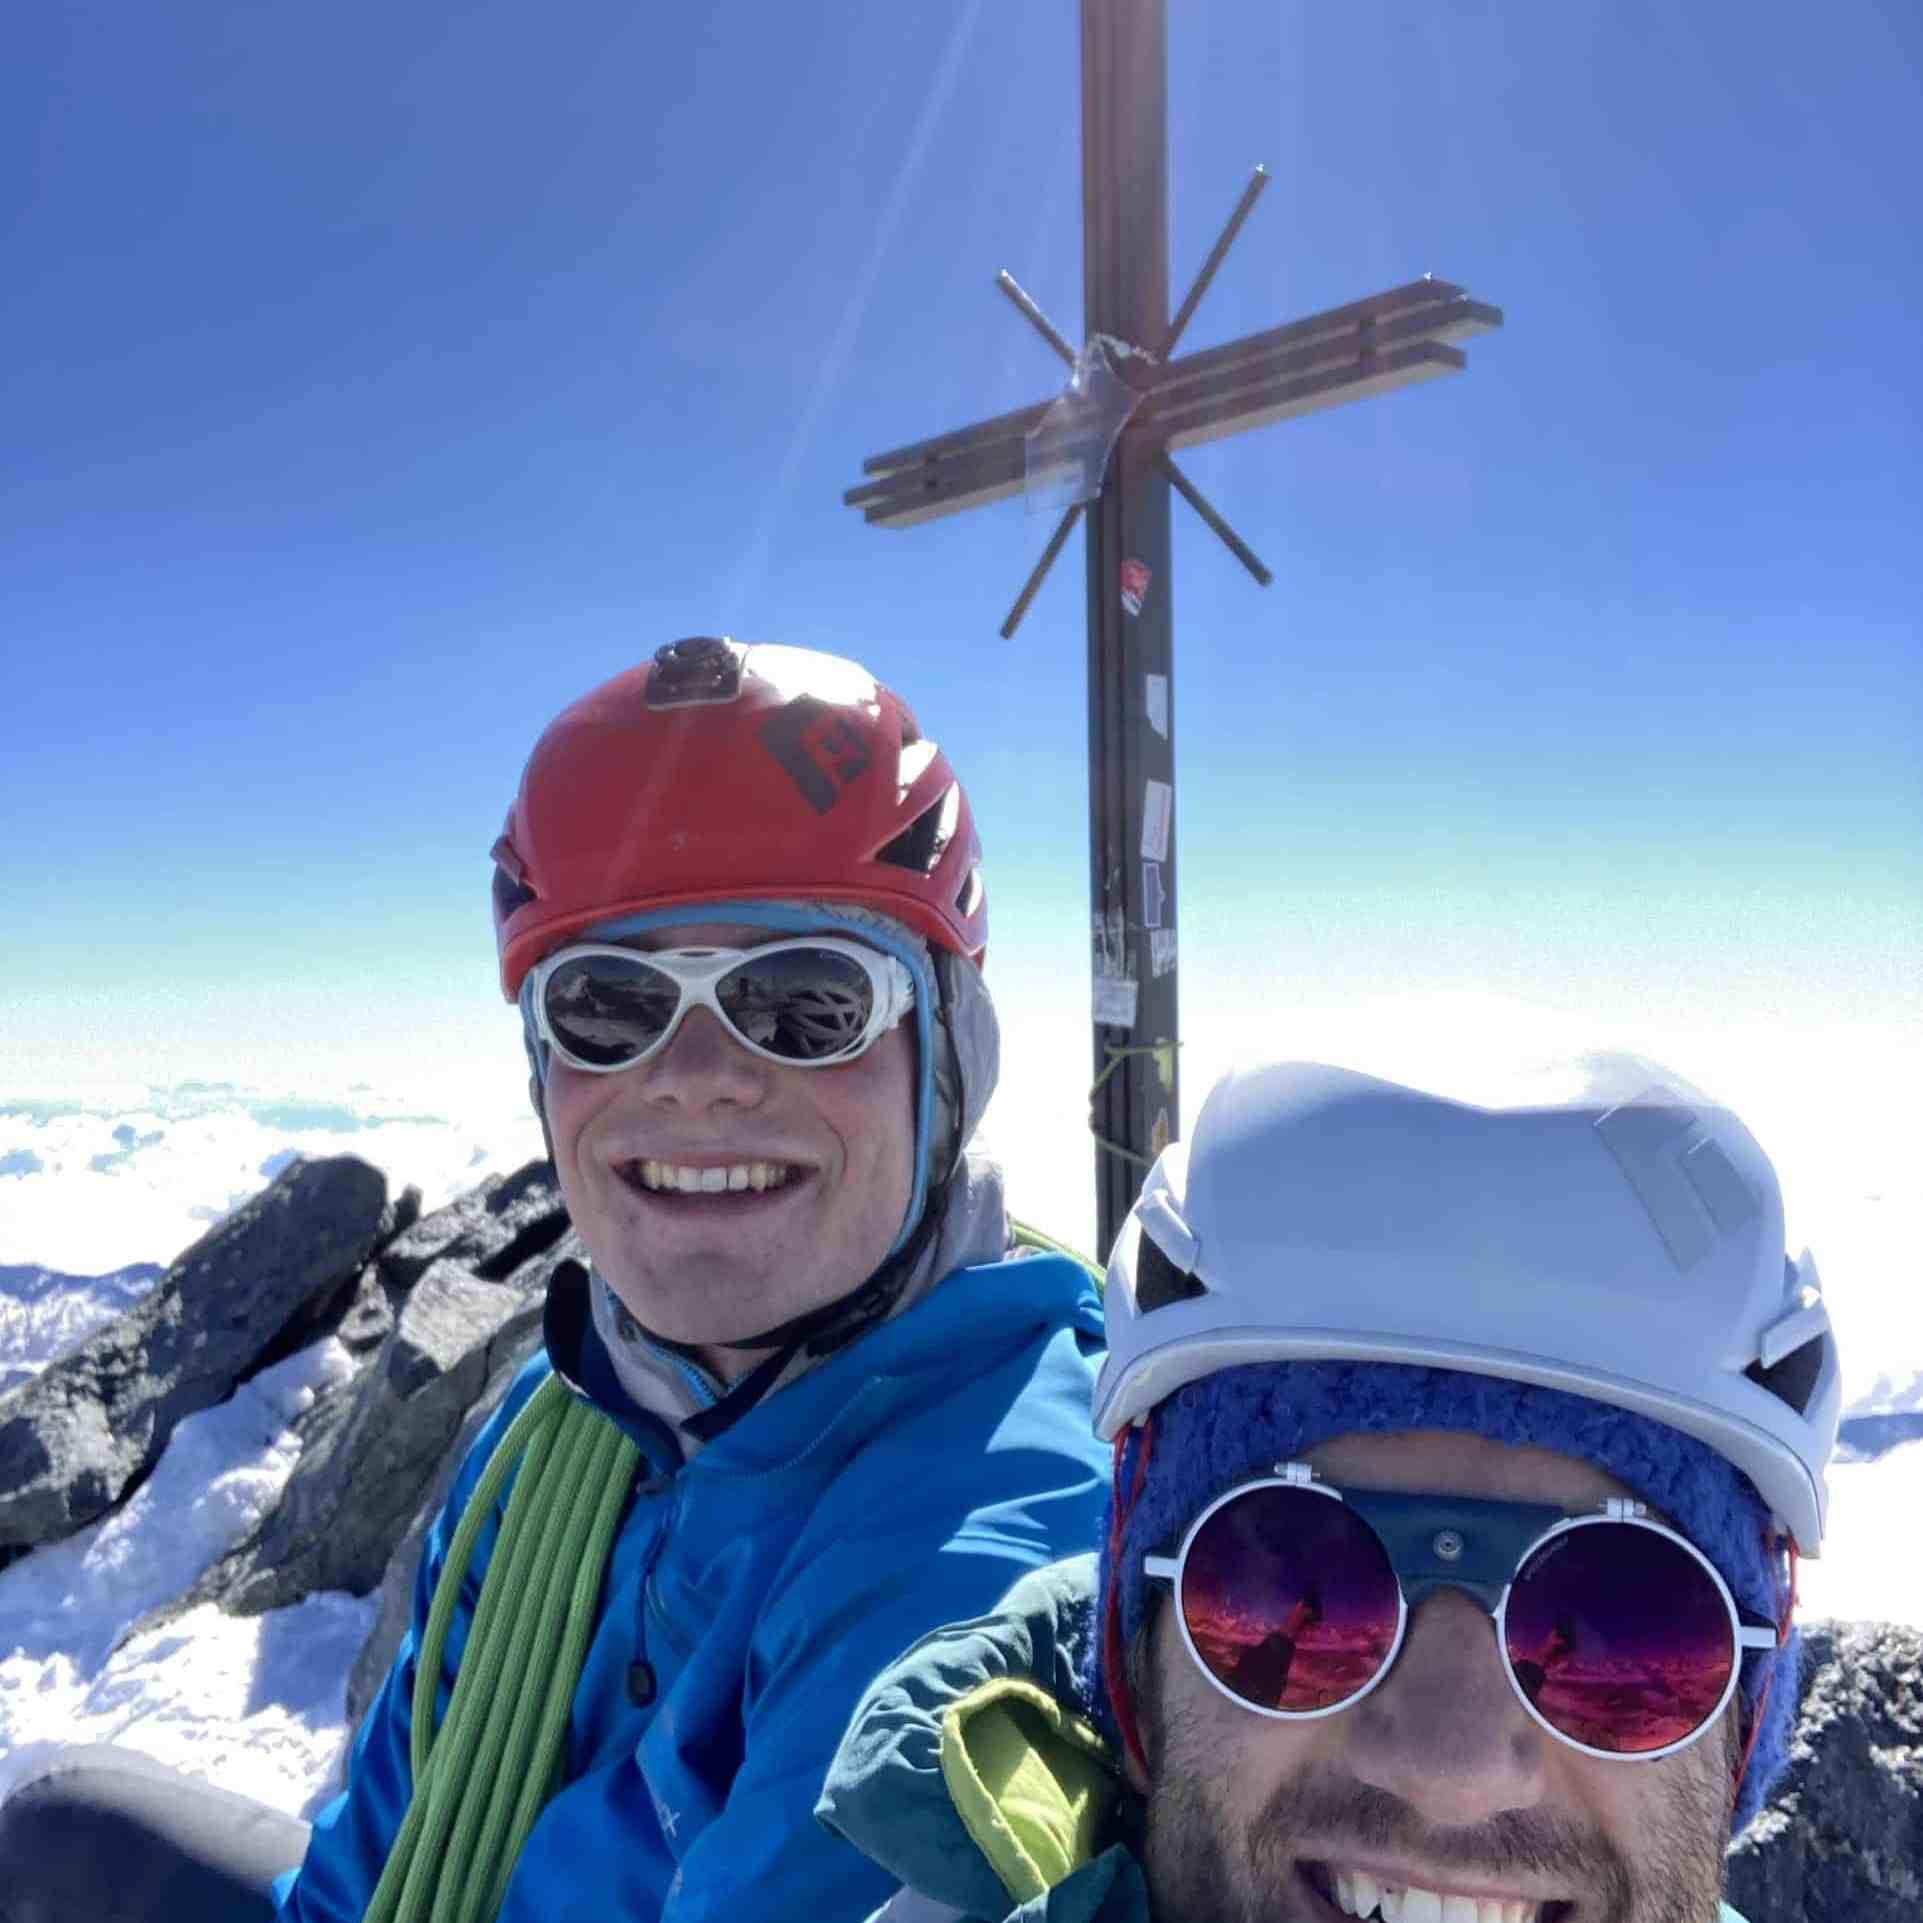 IMG 5842 scaled - Bergsteigen im Wallis - das Bergsteigerparadies?